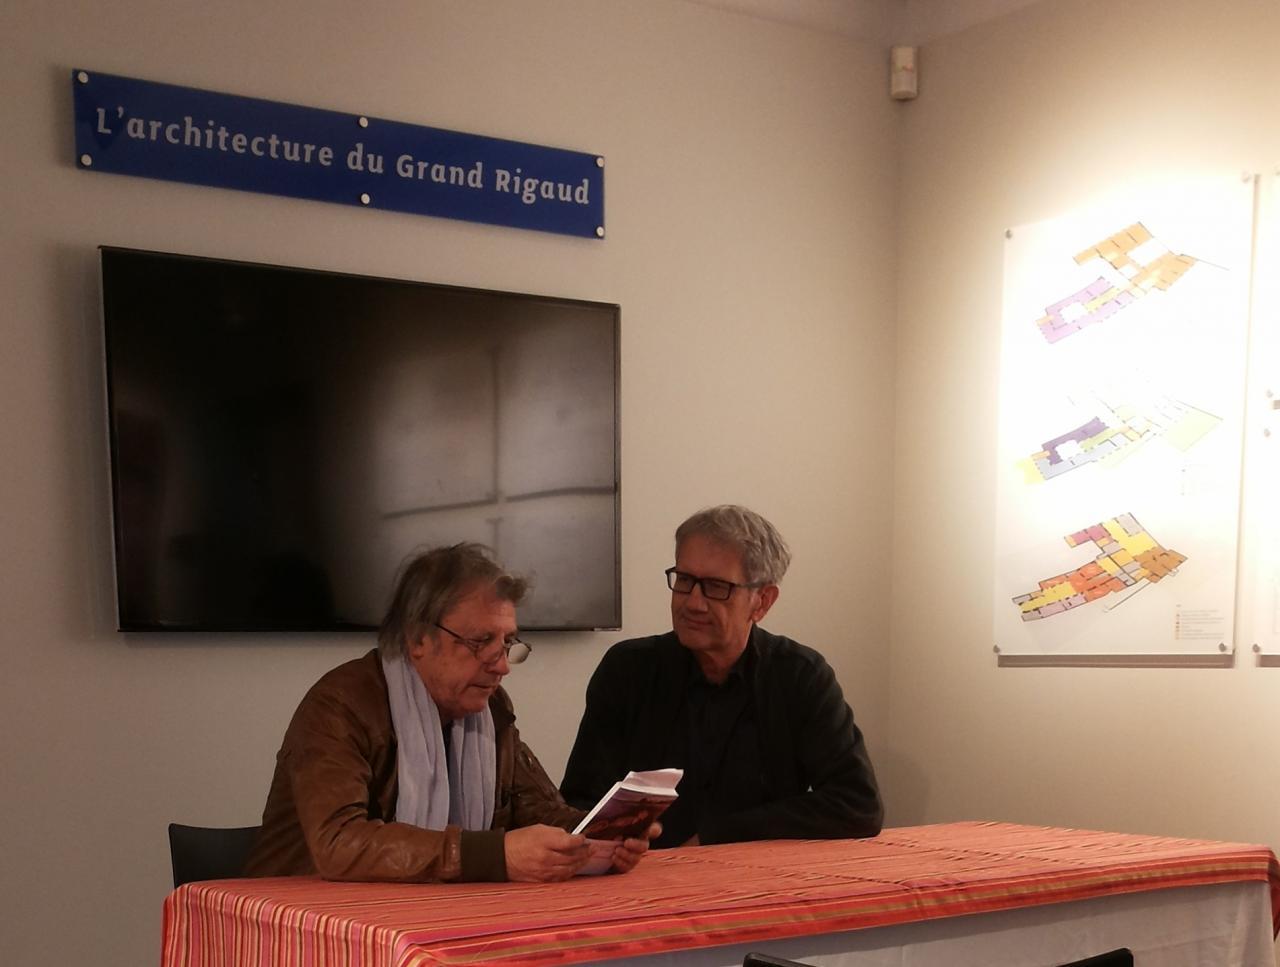 13/11/2015, Musée Hyacinthe Rigaud, Perpignan (avec Hyacinthe Carrera)